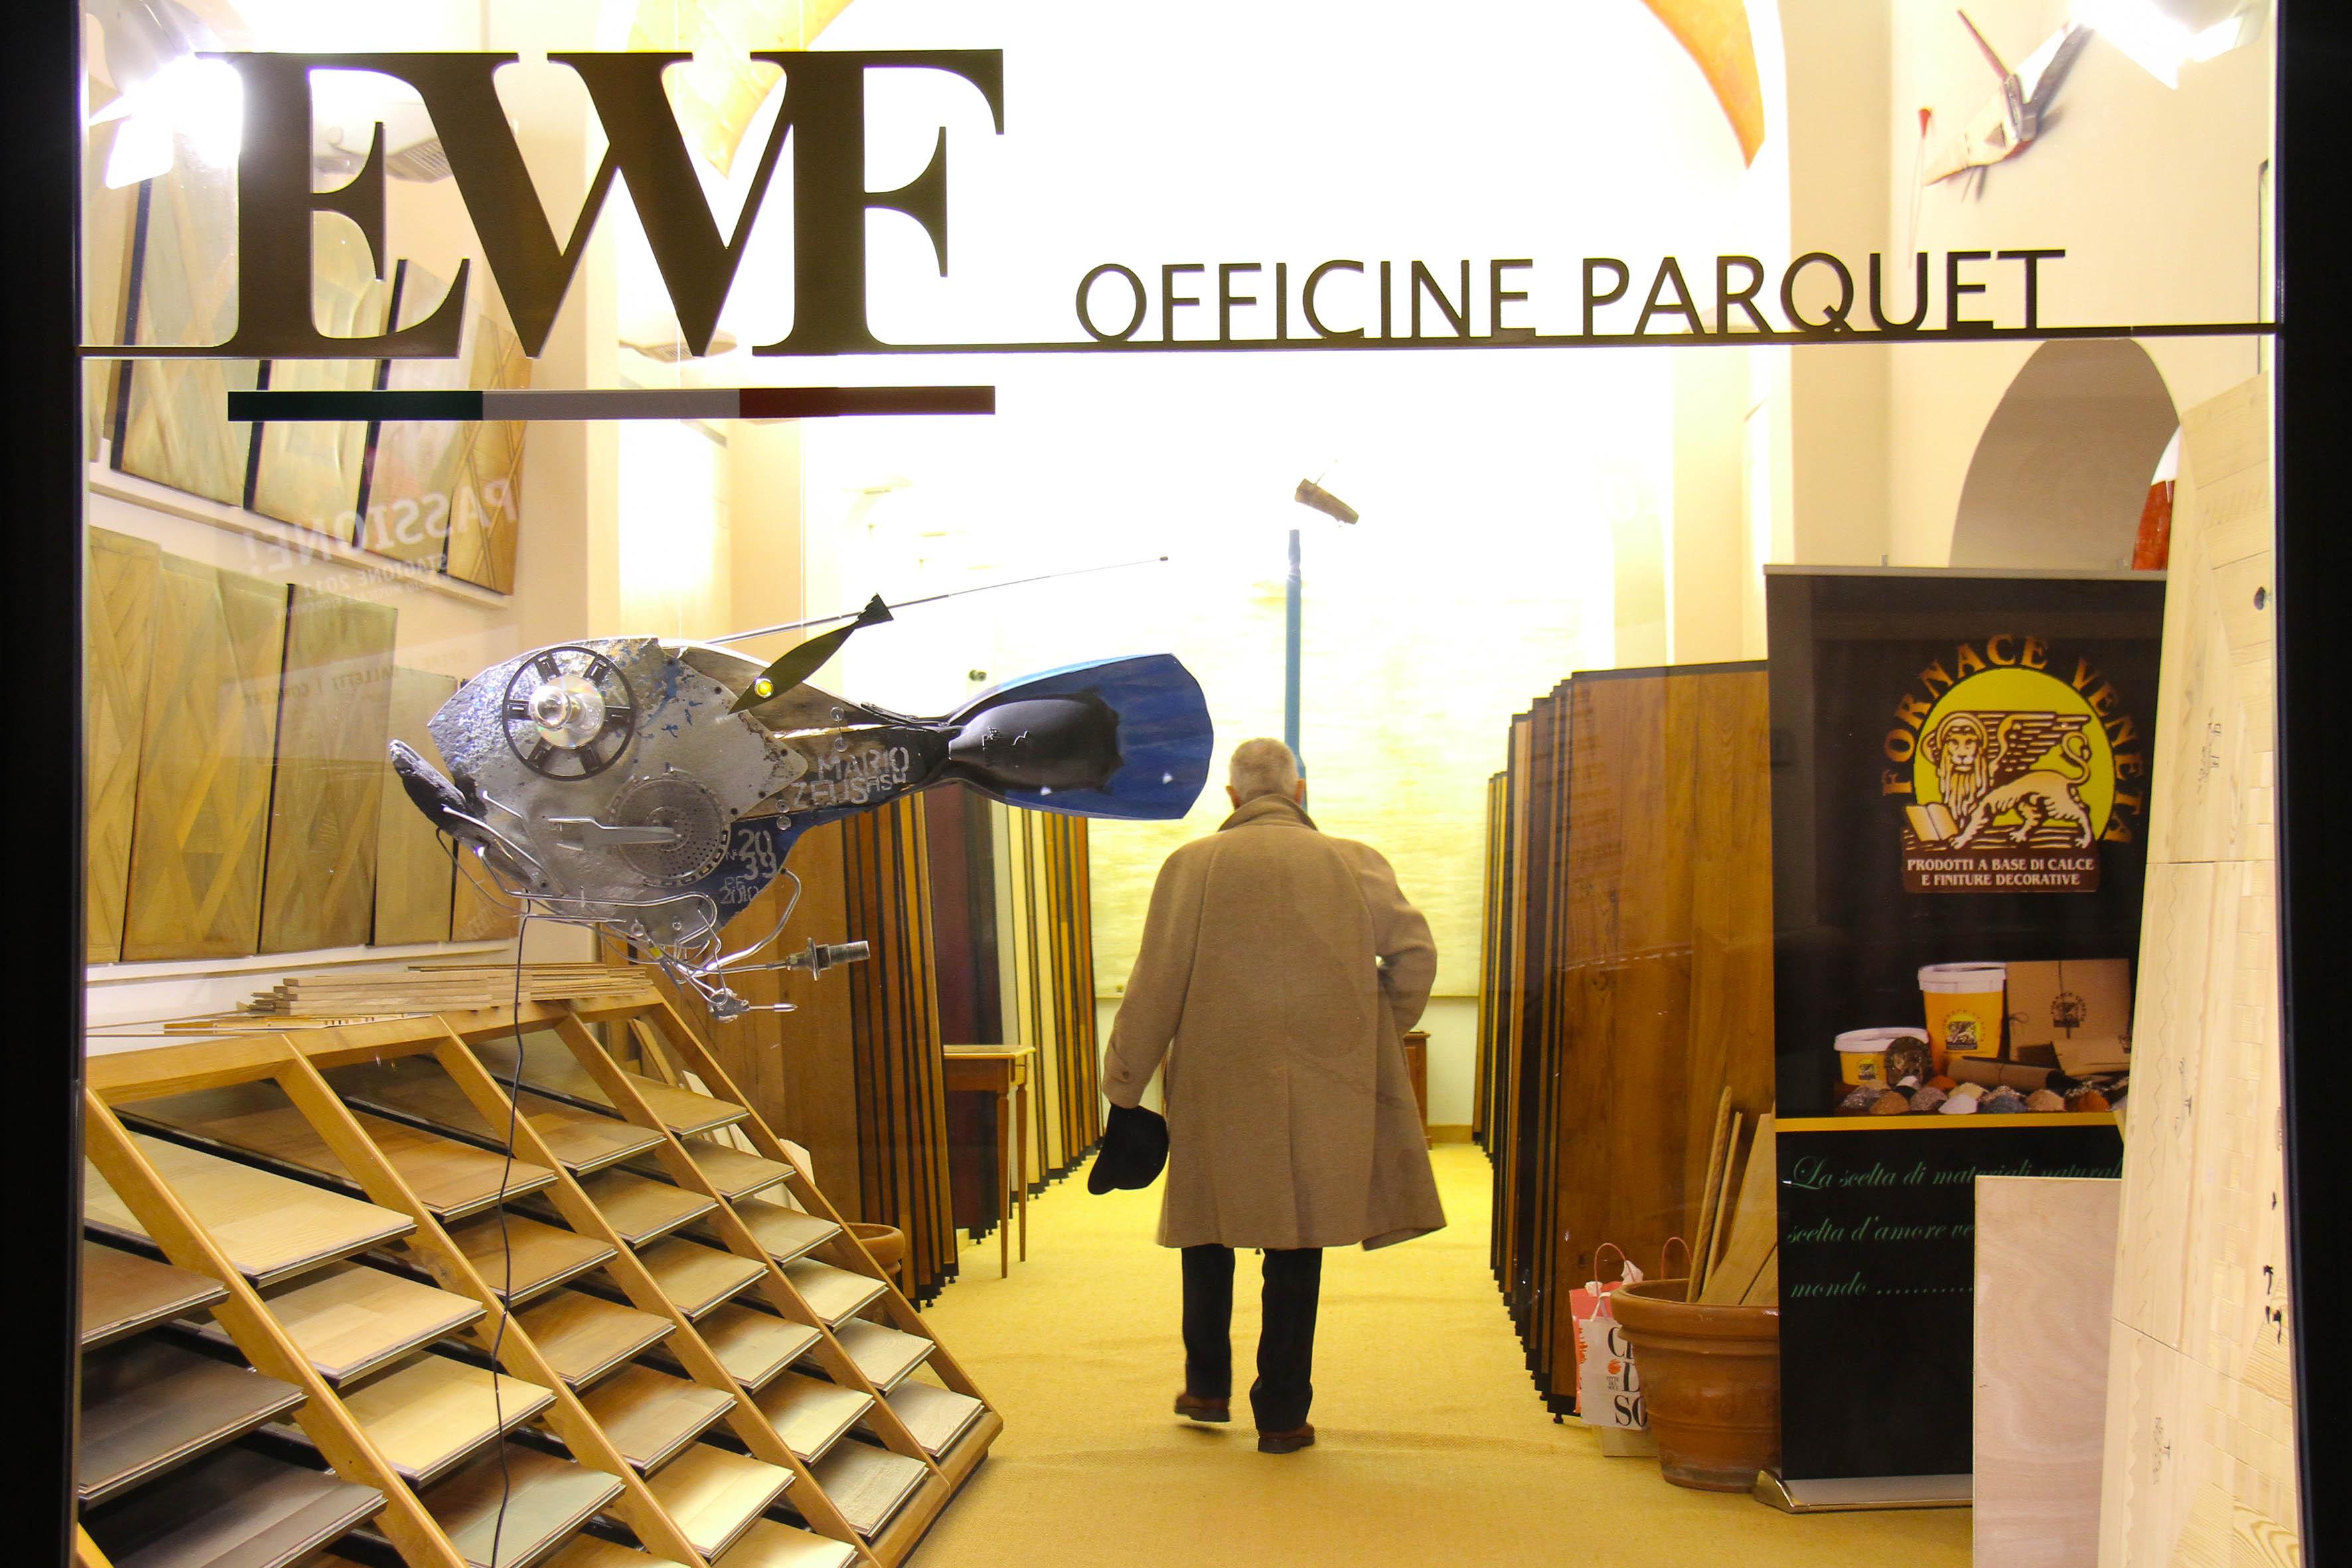 EWF Officine Parquet